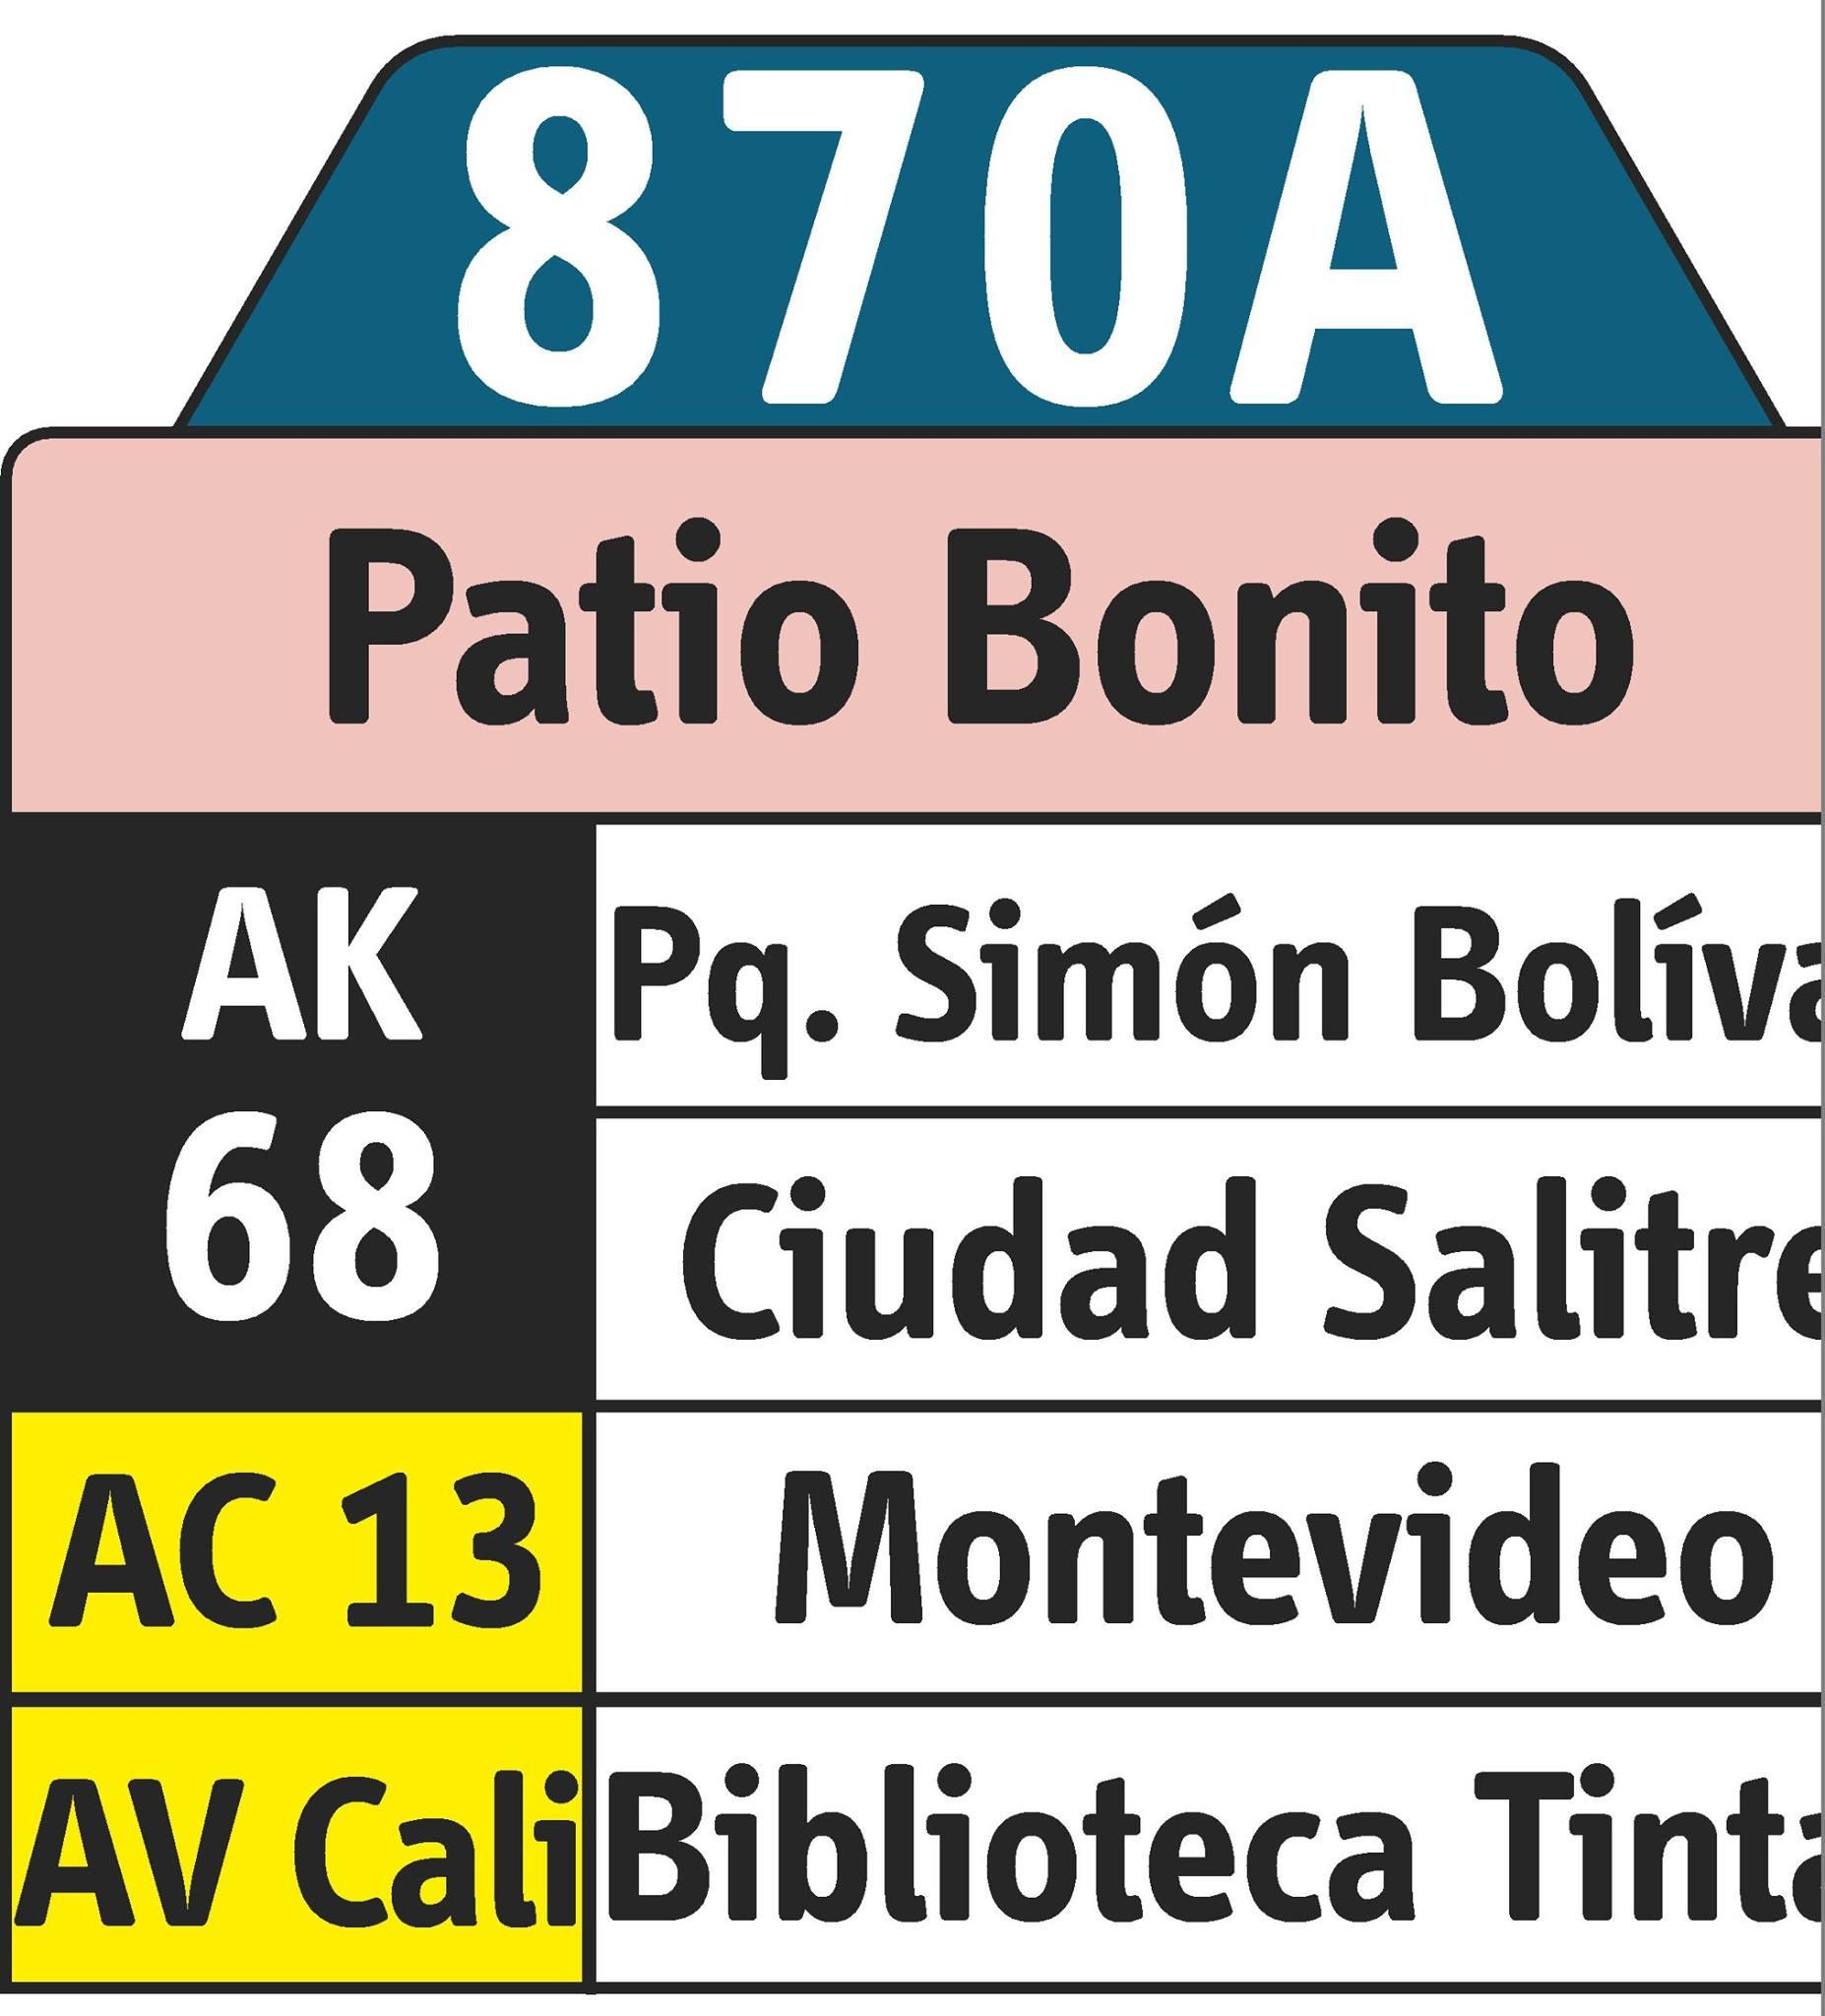 Rutero digital ruta urbana 870A - Patio Bonito